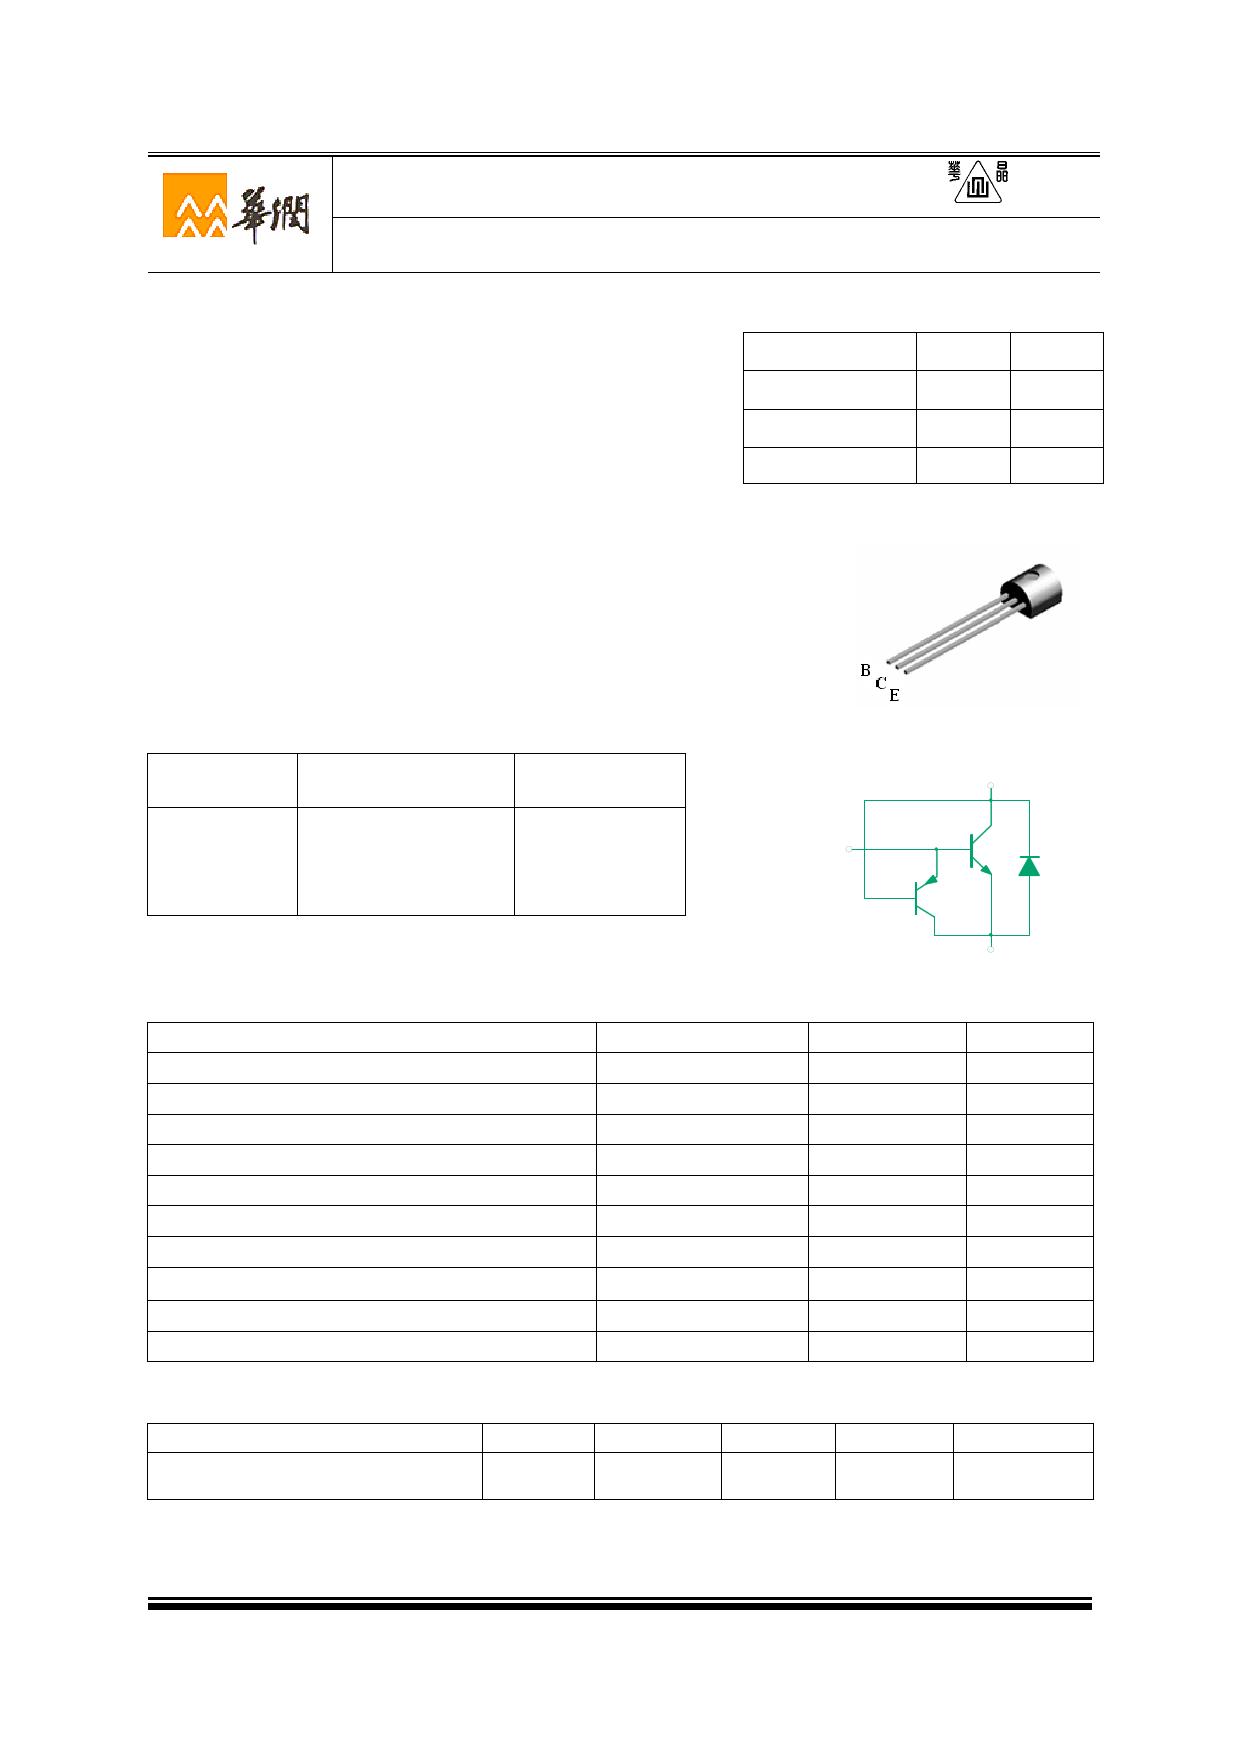 3DD13003S1D Datasheet, 3DD13003S1D PDF,ピン配置, 機能